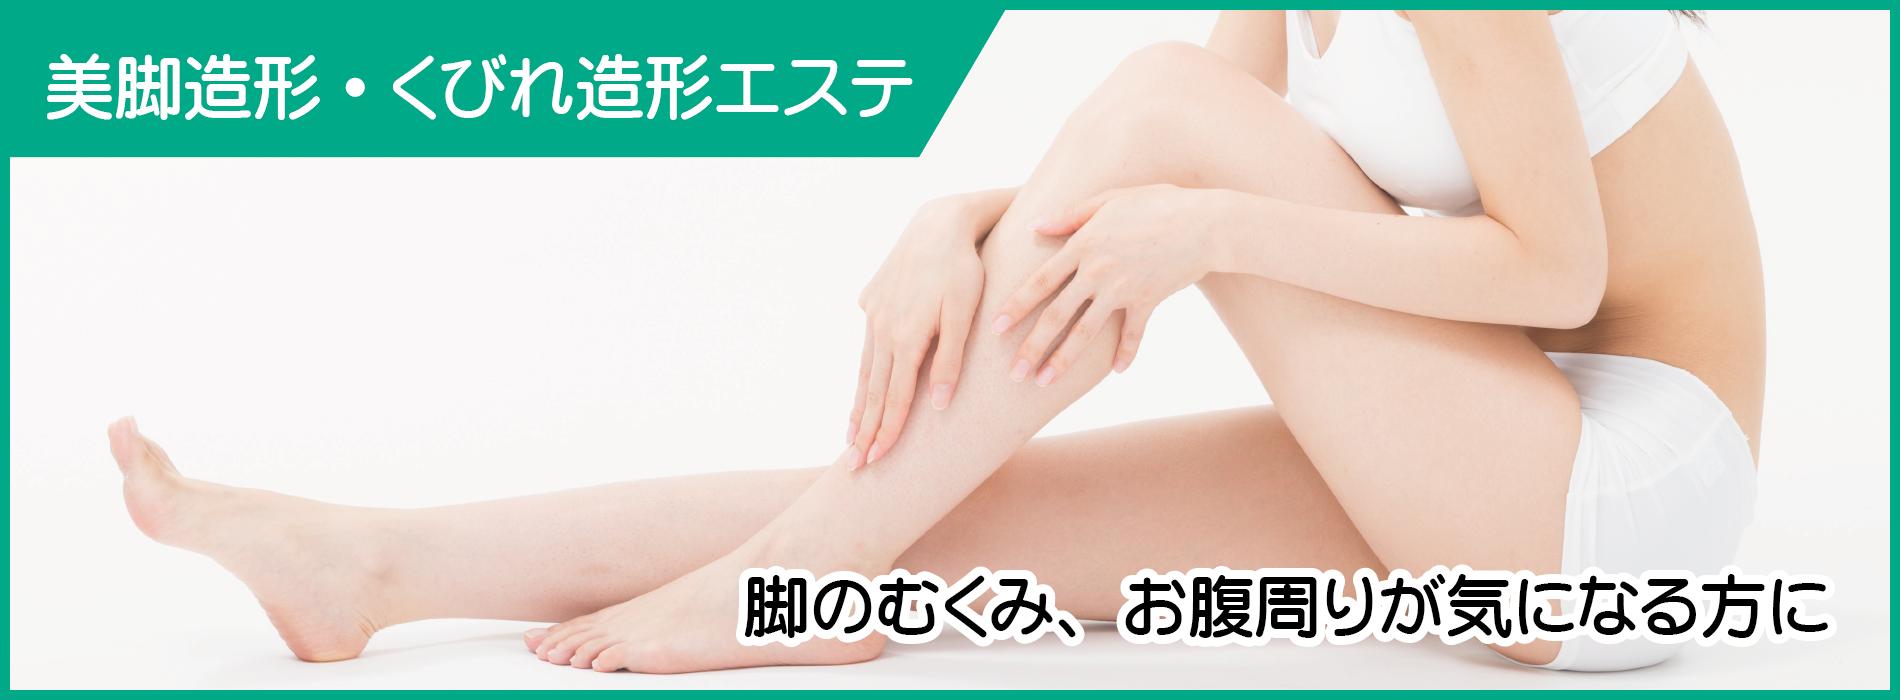 美脚造形・くびれ造形エステ/脚のむくみ、お腹周りが気になる方に